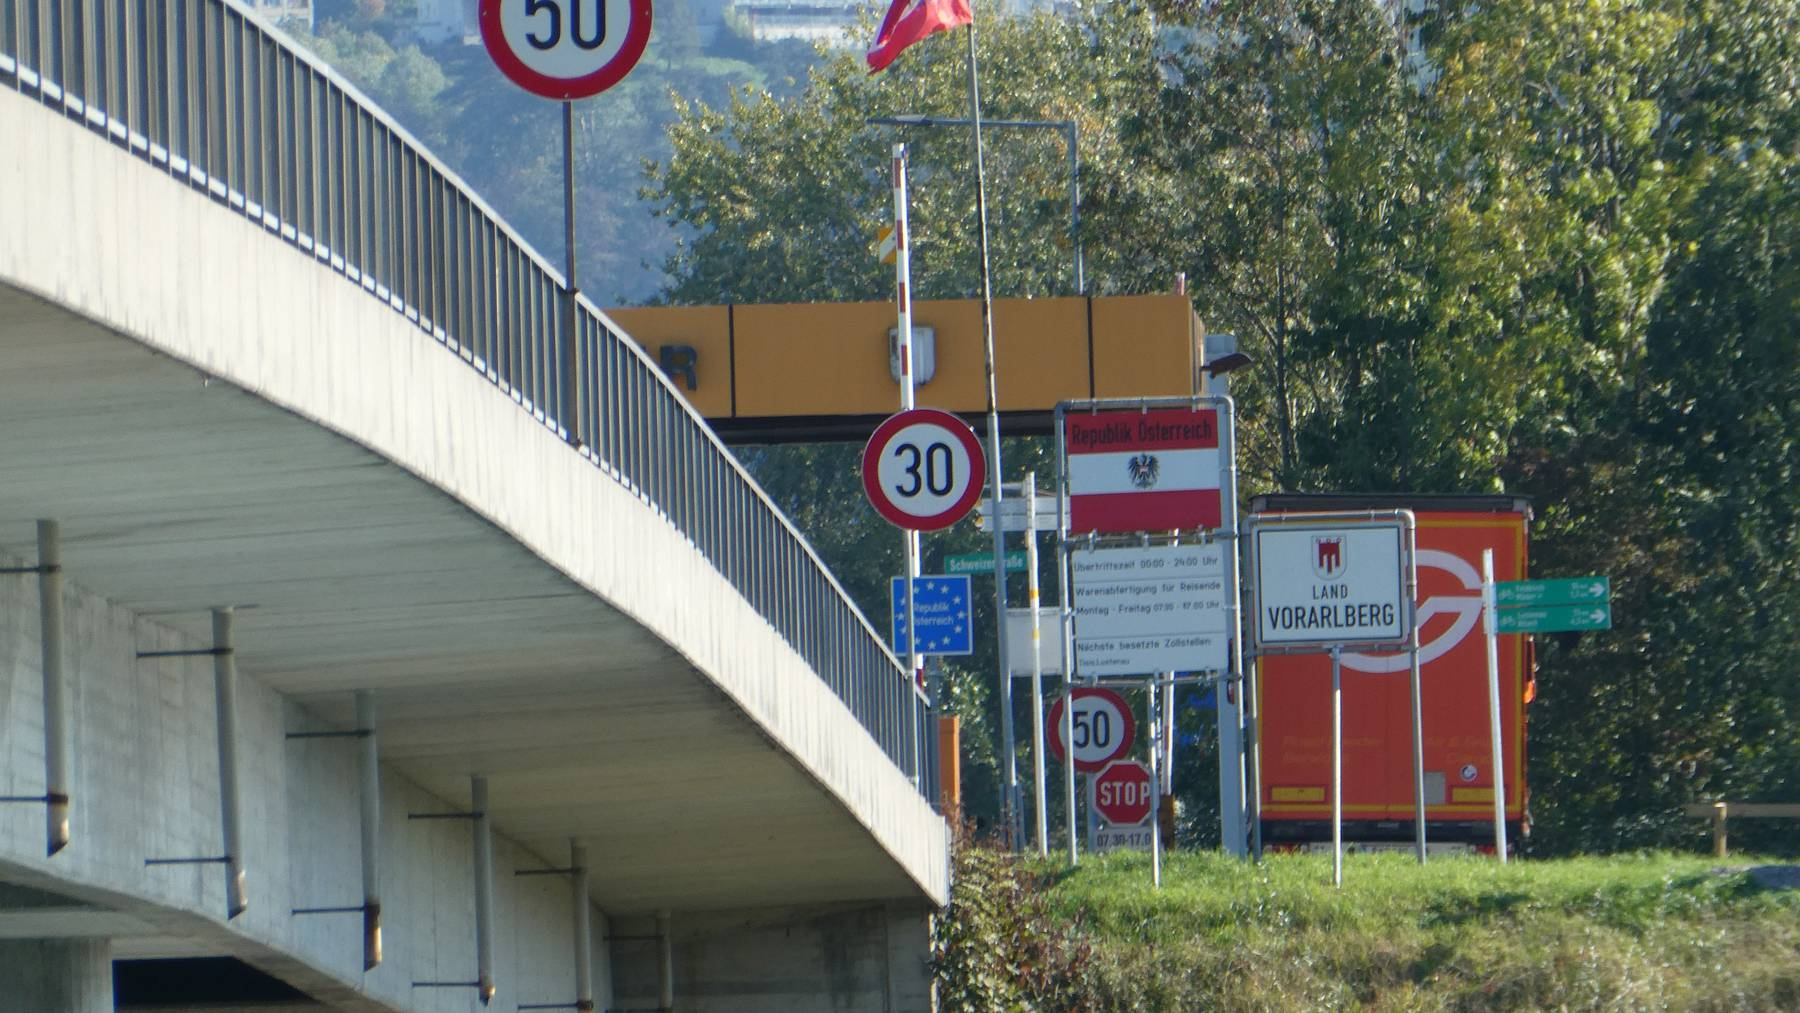 Wegen Sanierungsarbeiten ist die Kriessern-Mäder-Brücke von Juni bis Oktober gesperrt.